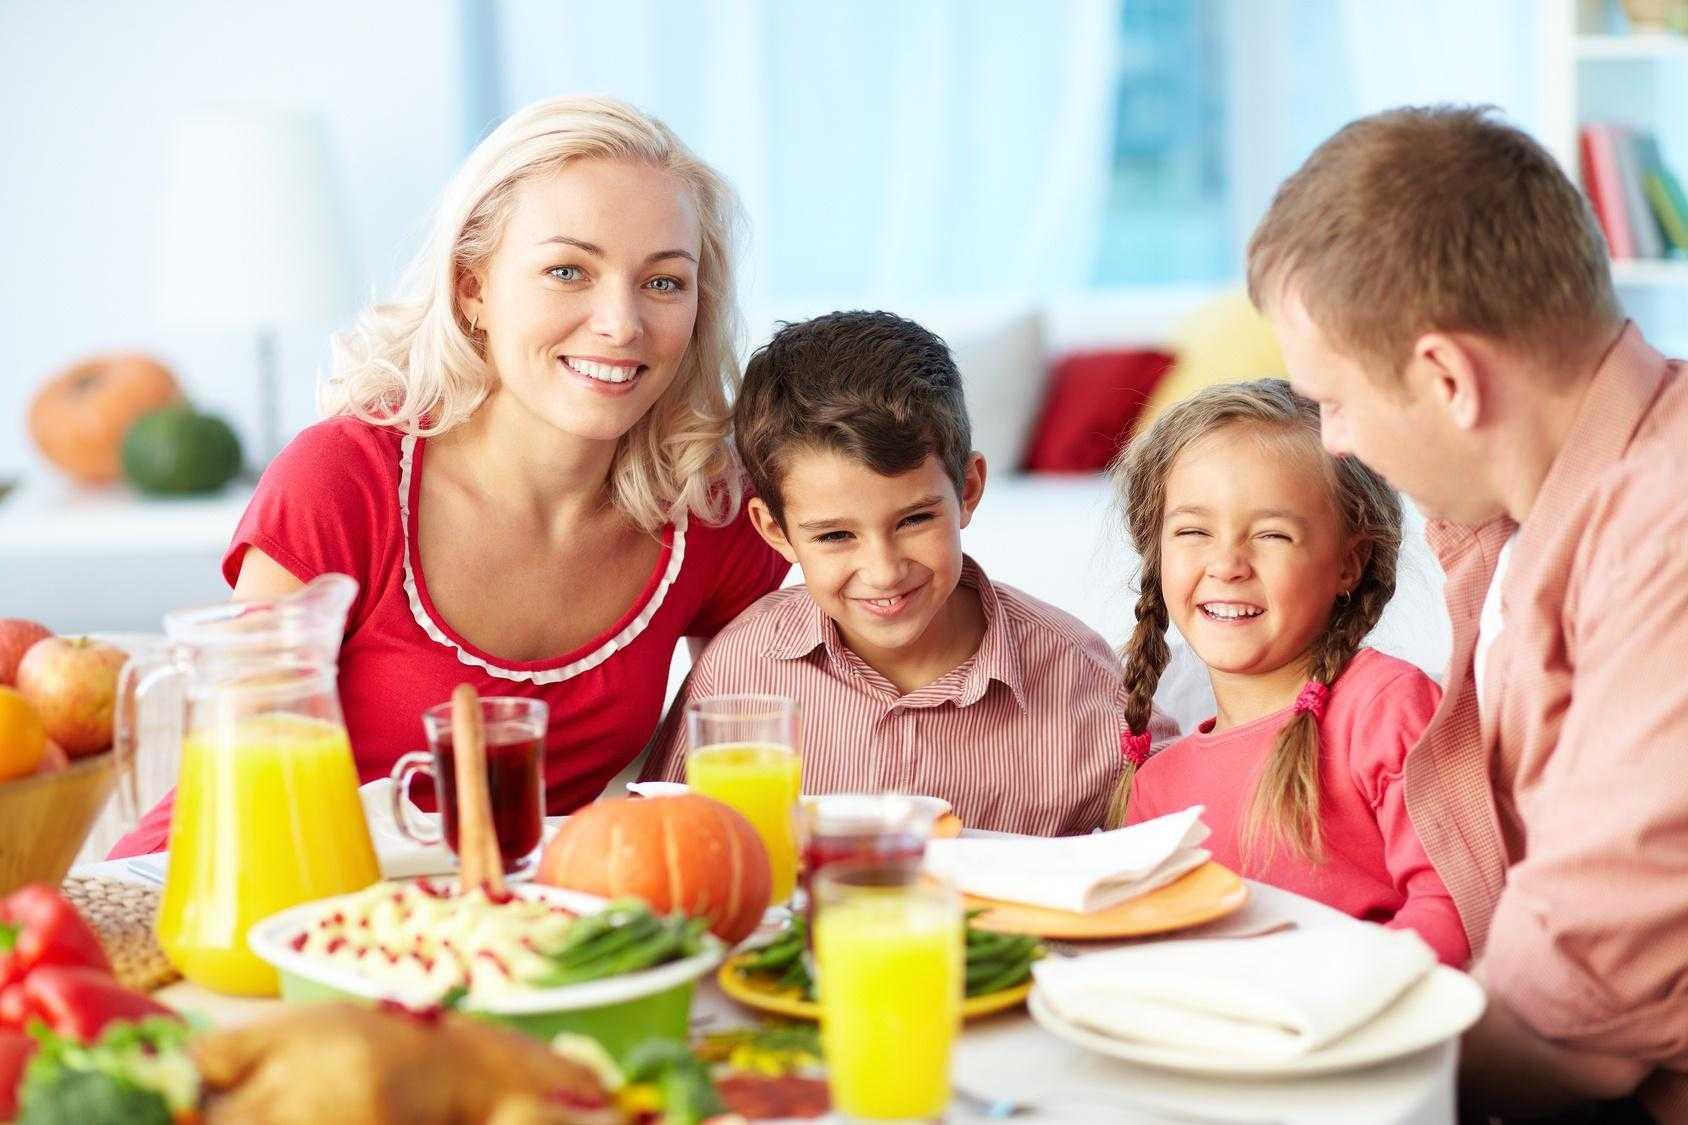 Здоровое питание - правильное питание: полезная еда, здоровая пища, для органов, человека, для всей семьи